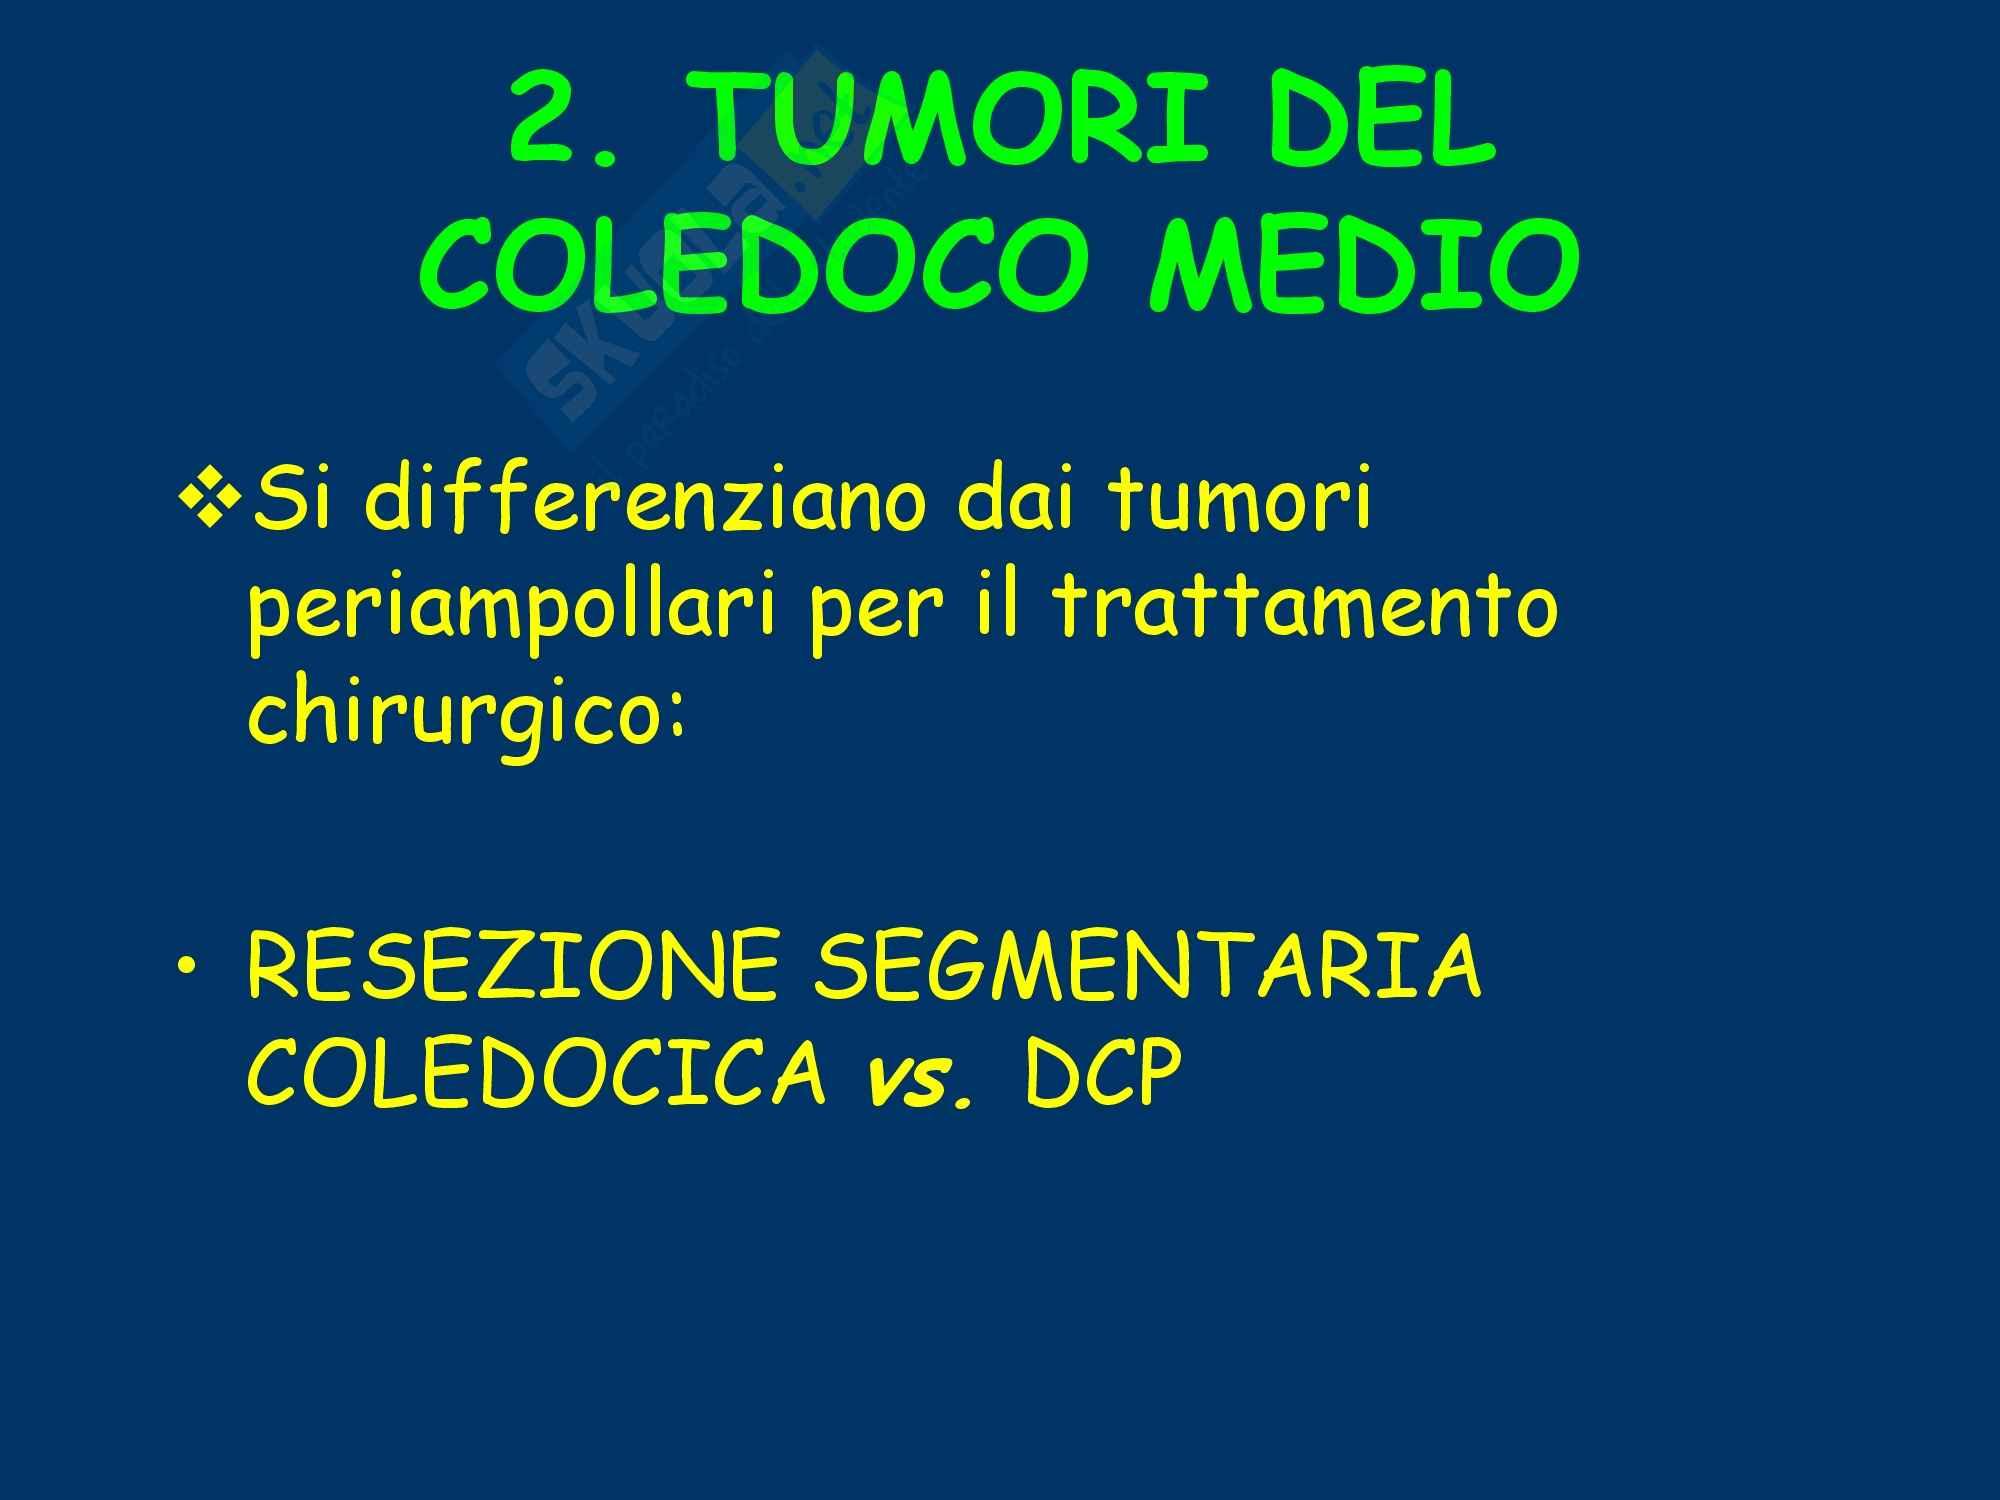 Ittero - Semeiotica Chirurgica Pag. 26